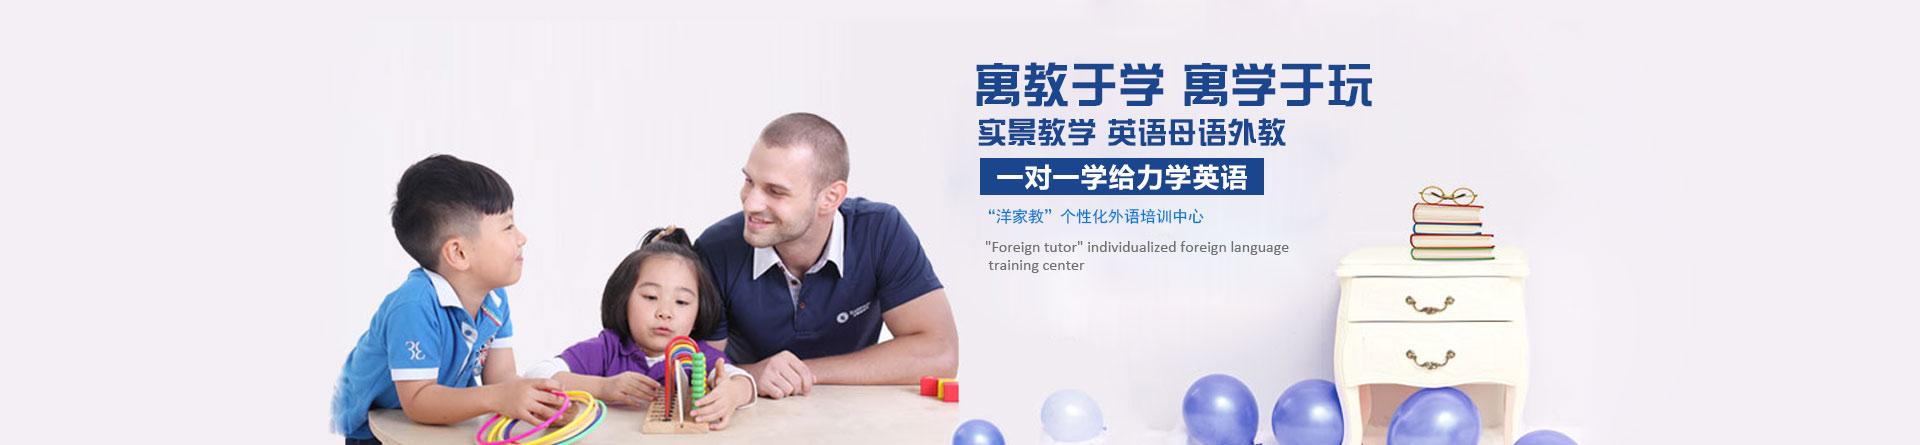 四川省攀枝花市阿卡索英语培训机构